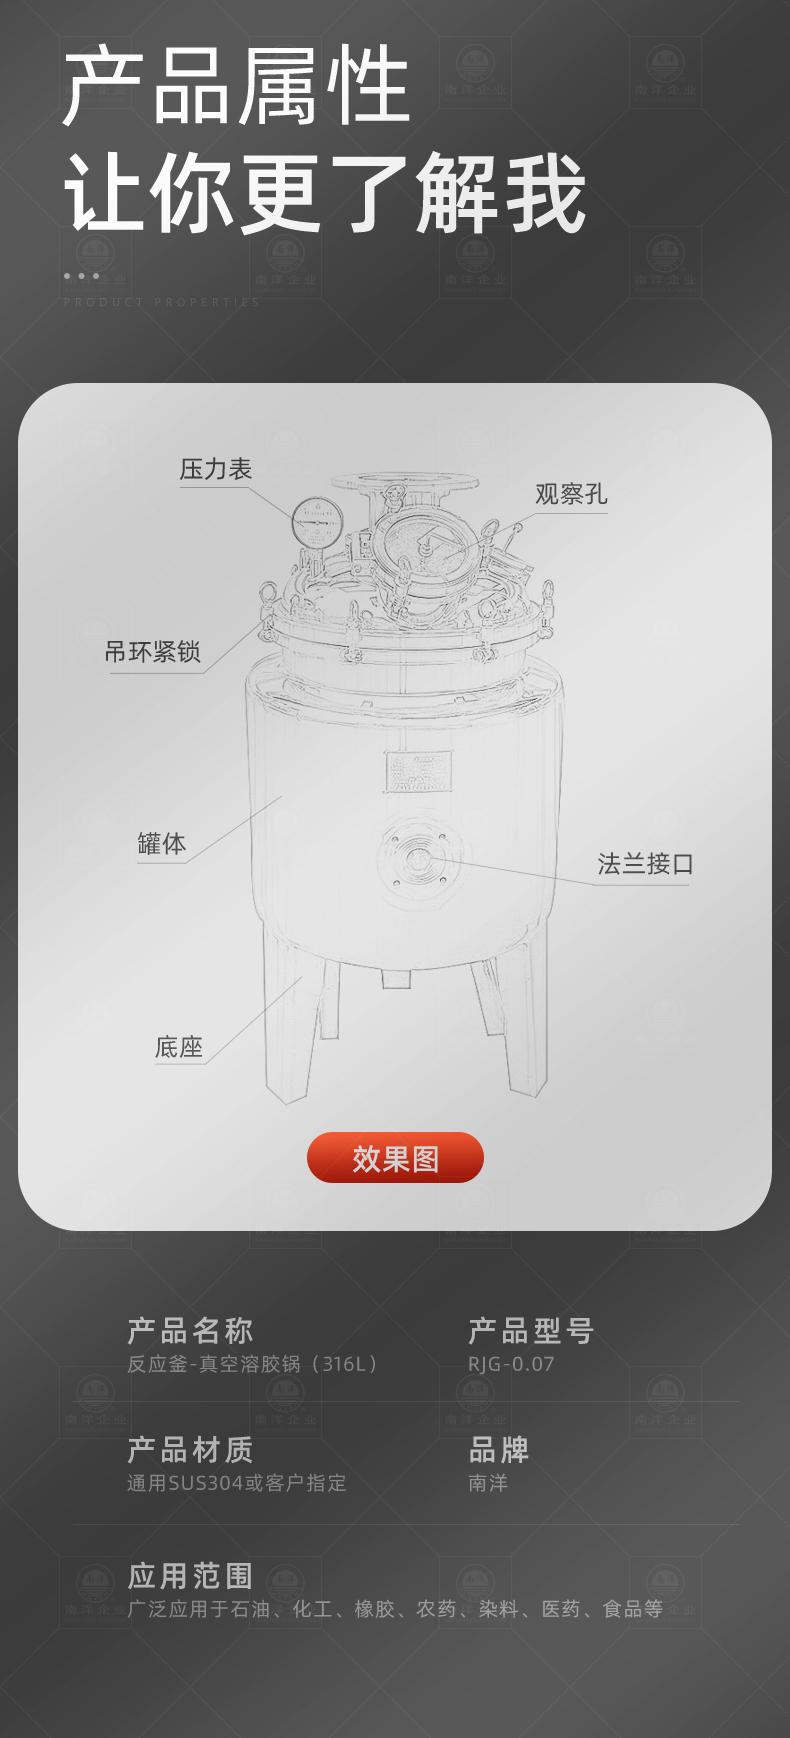 南洋反应釜-真空溶胶锅(316L)_02.jpg